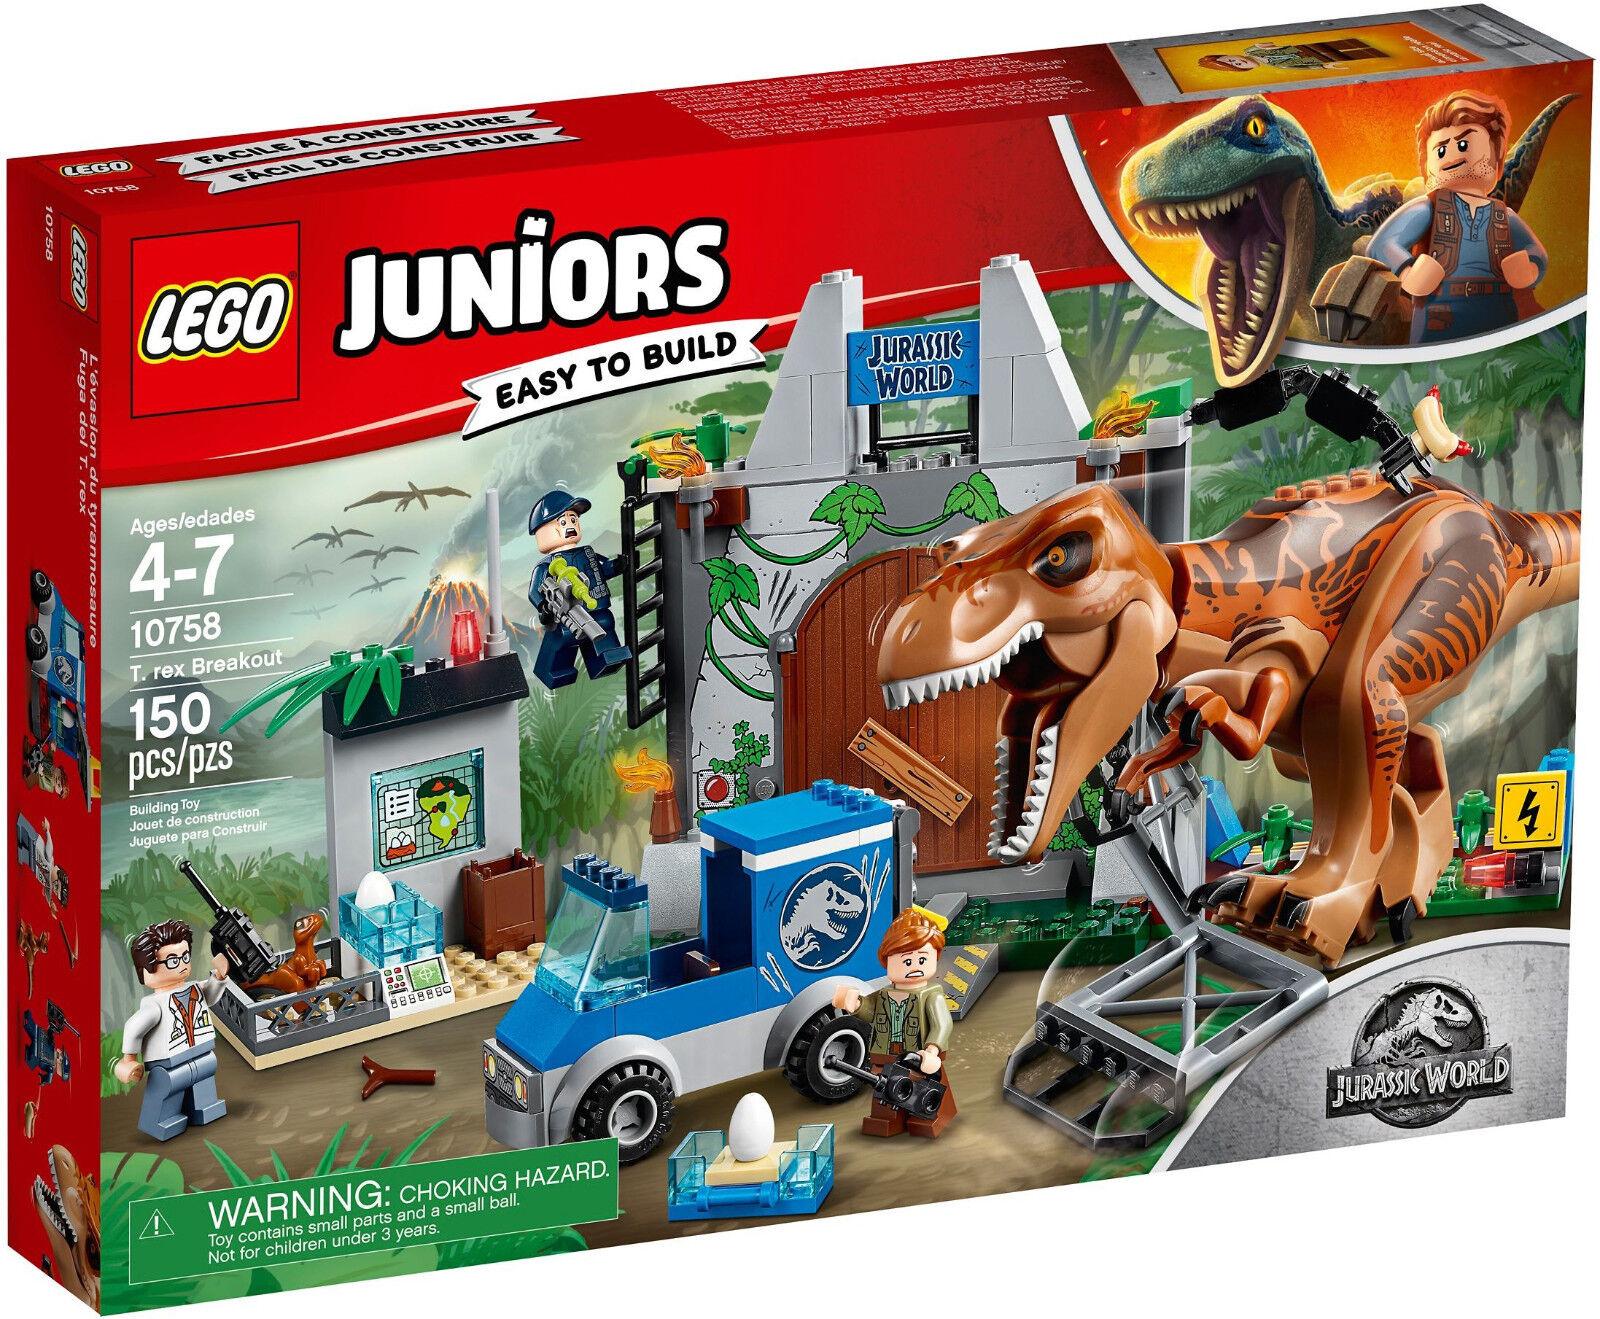 Lego Juniors - 10758 éruption éruption éruption du T-Rex/dérivation-NOUVEAU & NEUF dans sa boîte d59659